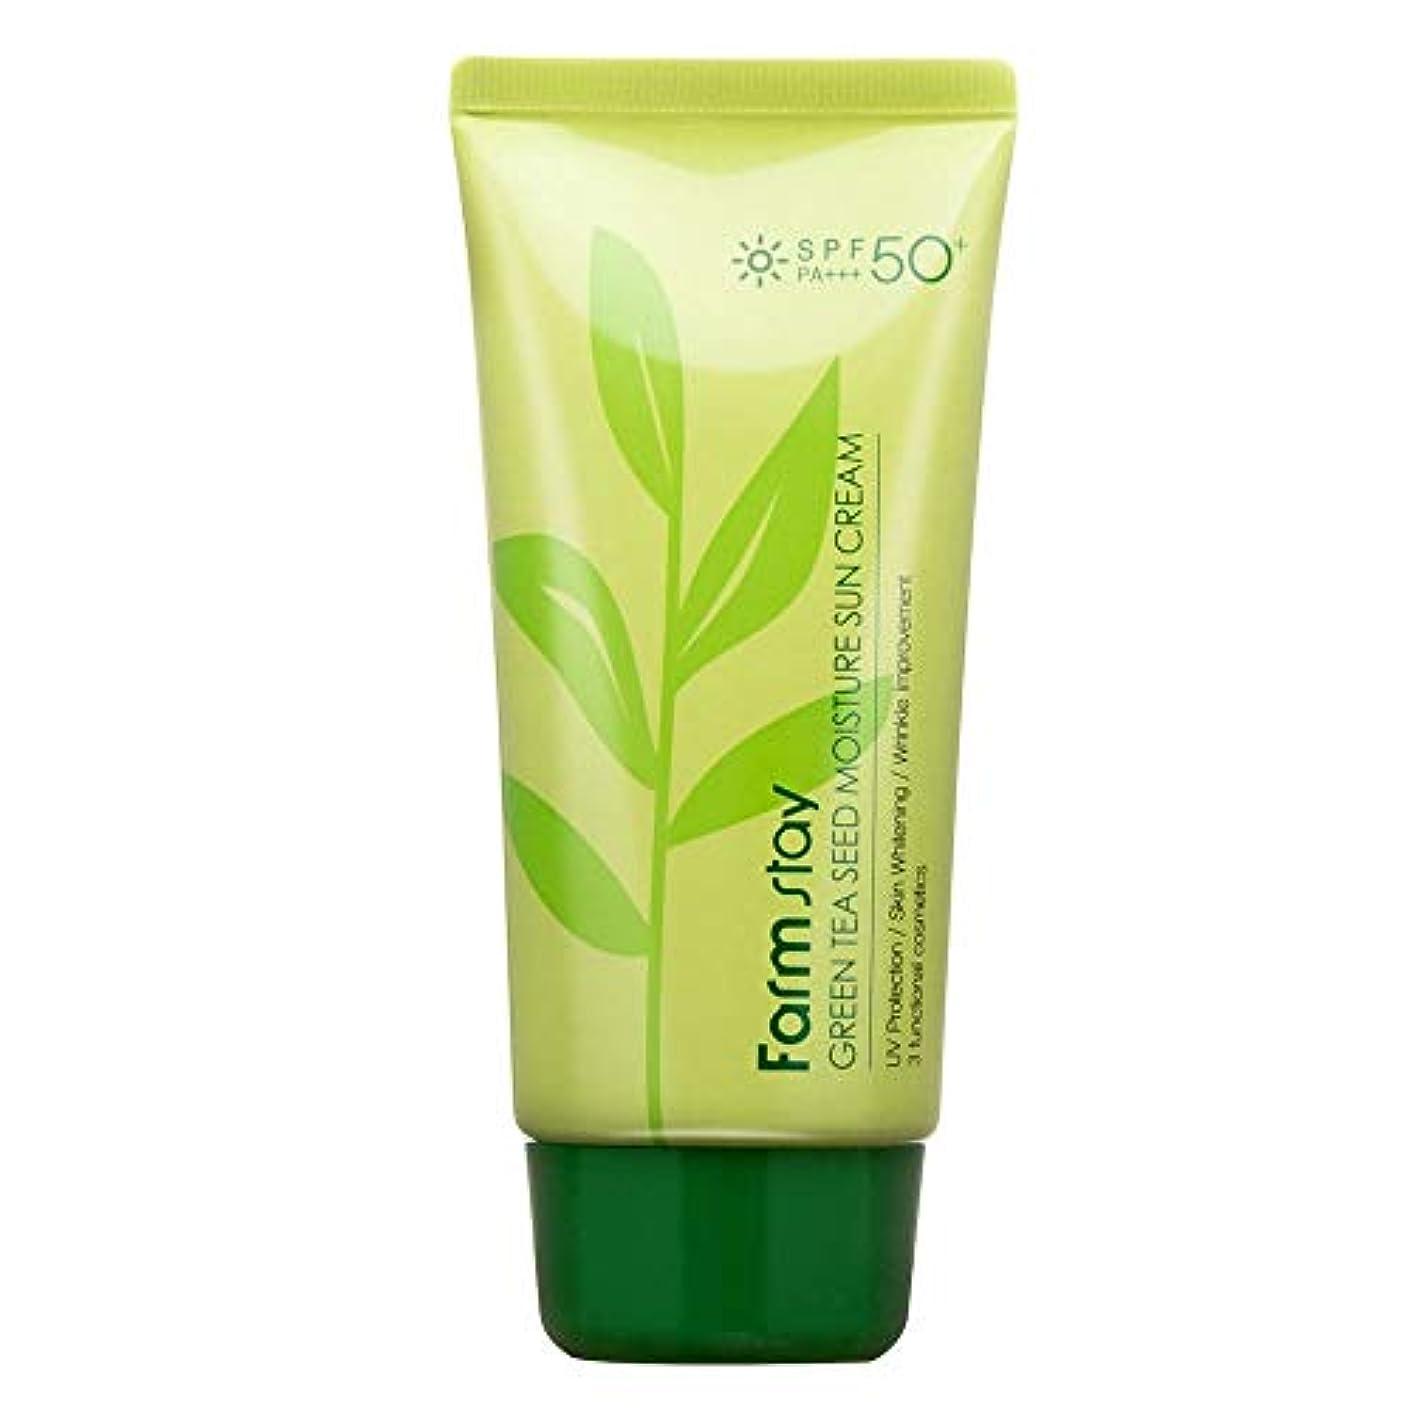 公爵スリッパリーファームステイ[Farm Stay] グリーンティーシードモイスチャーサンクリーム 70g (美白&しわ防止) / Green Tea Seed Moisture Sun Cream